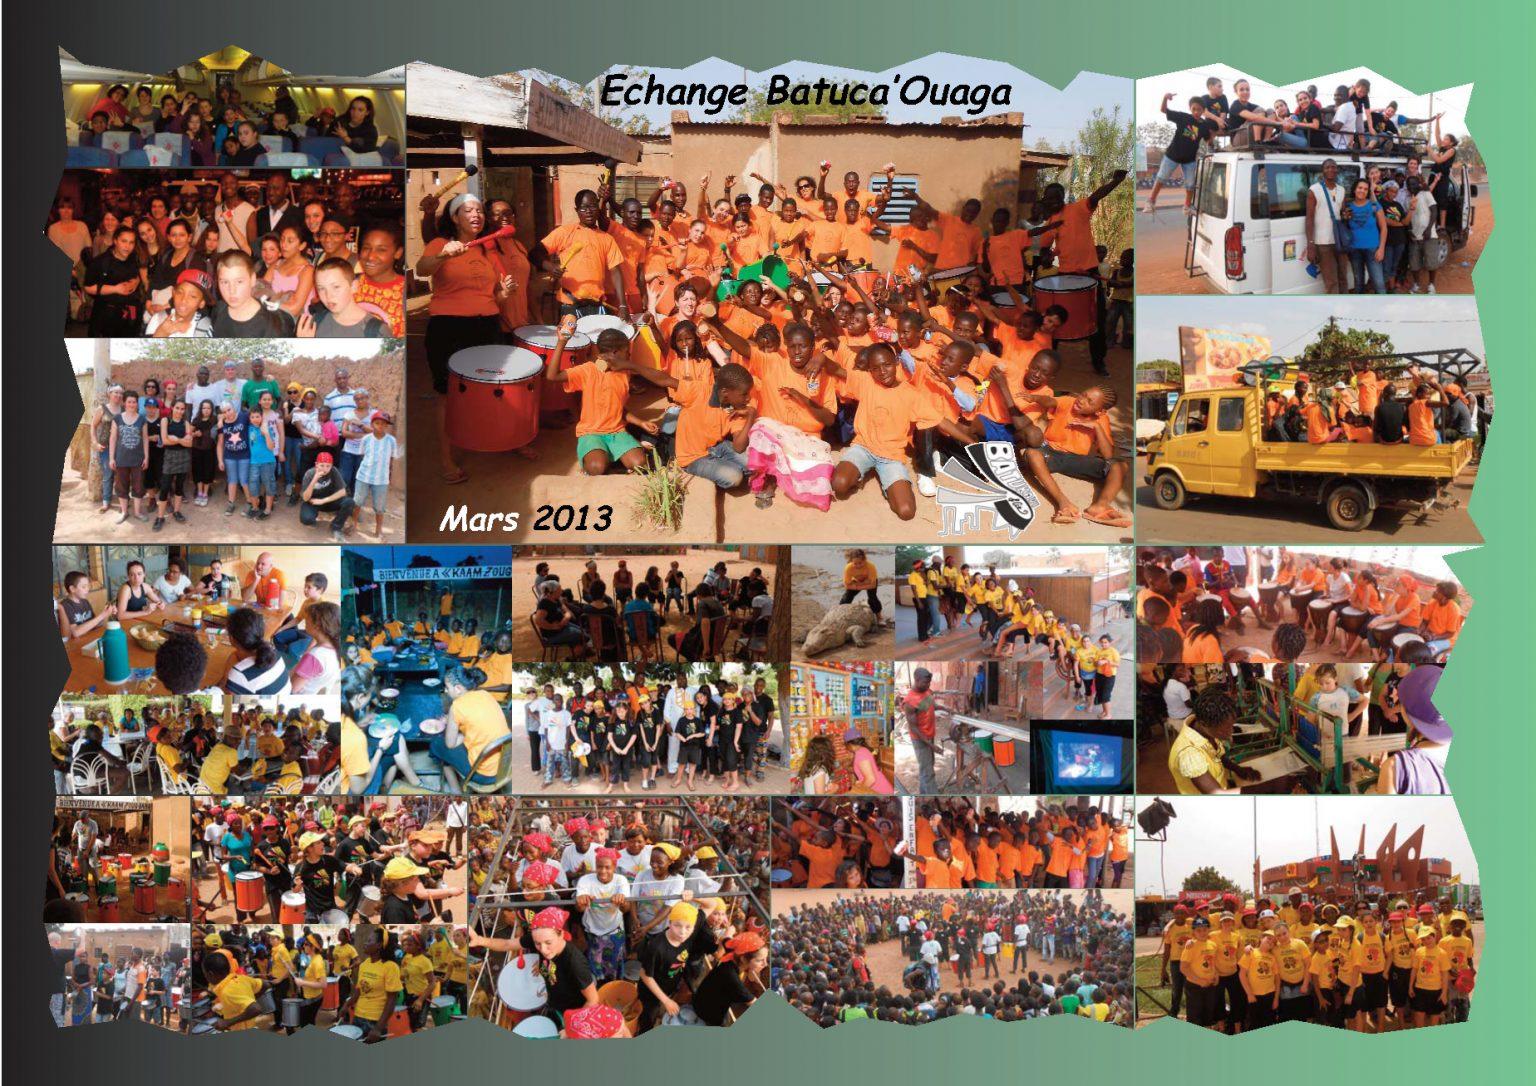 BatukaVI - Panneau Photos 2013-03 Echange Batuca'Ouaga (Réduit)